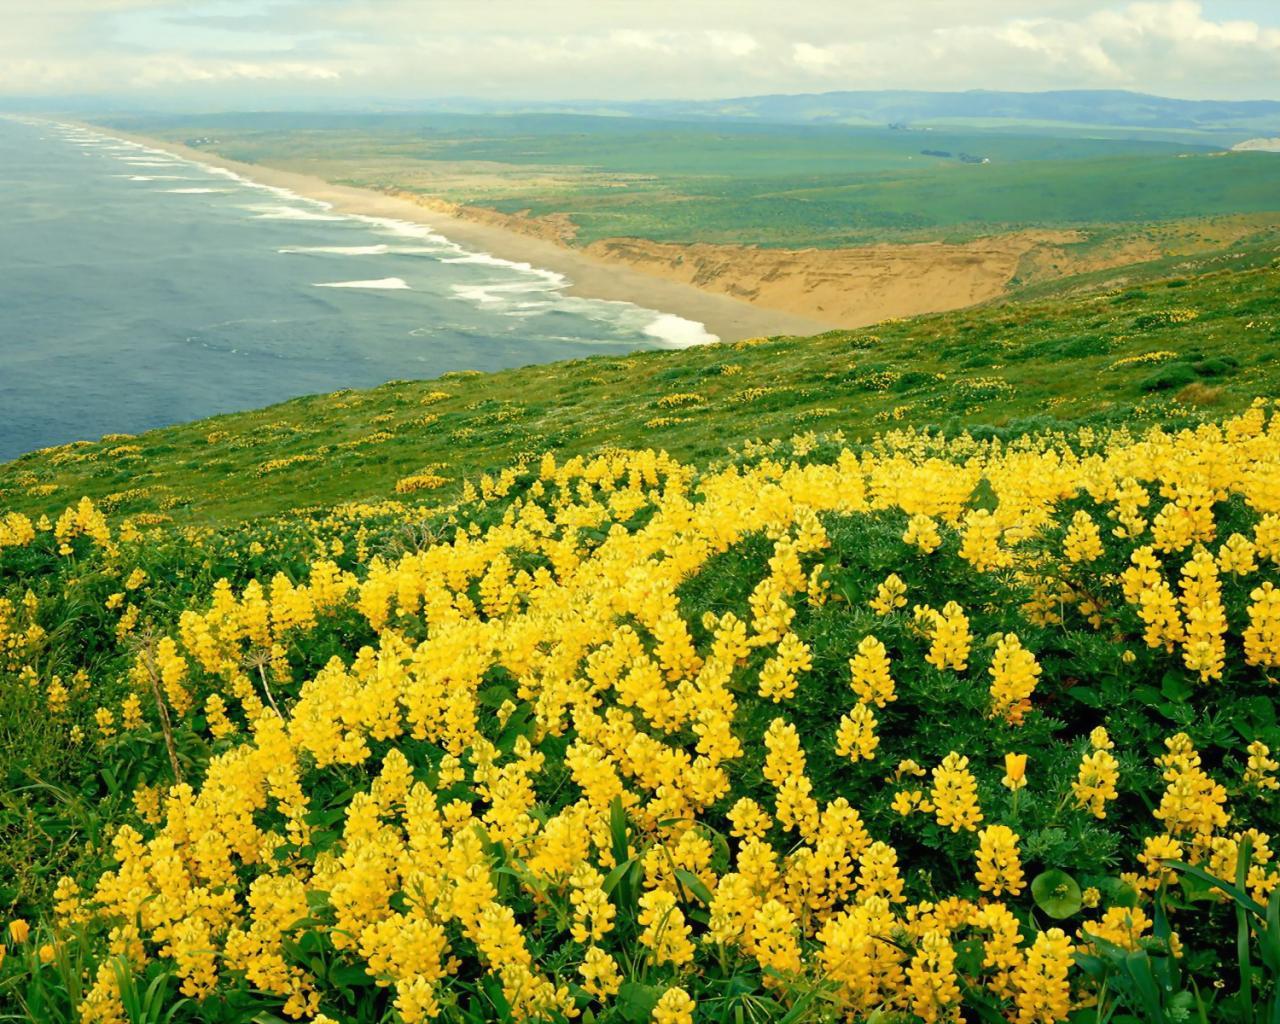 Природа панорама море цветы обои для